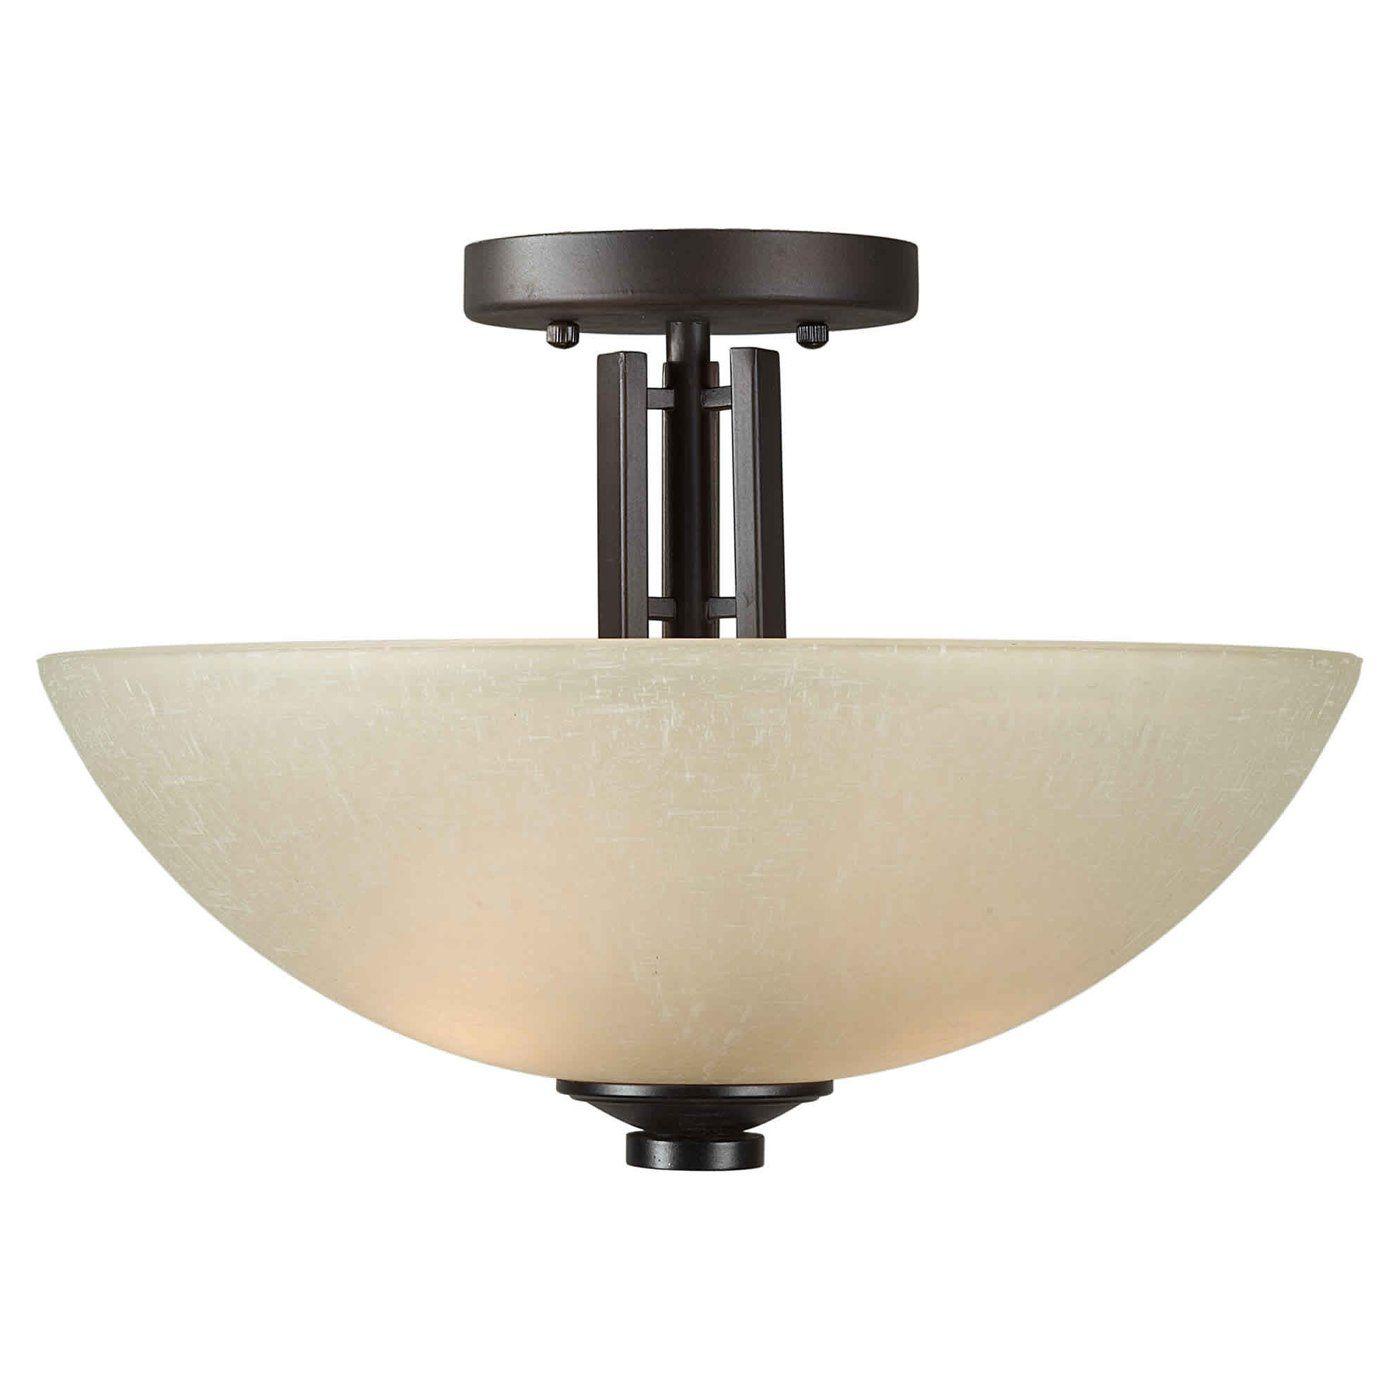 Forte lighting light semiflush semi flush ceiling light